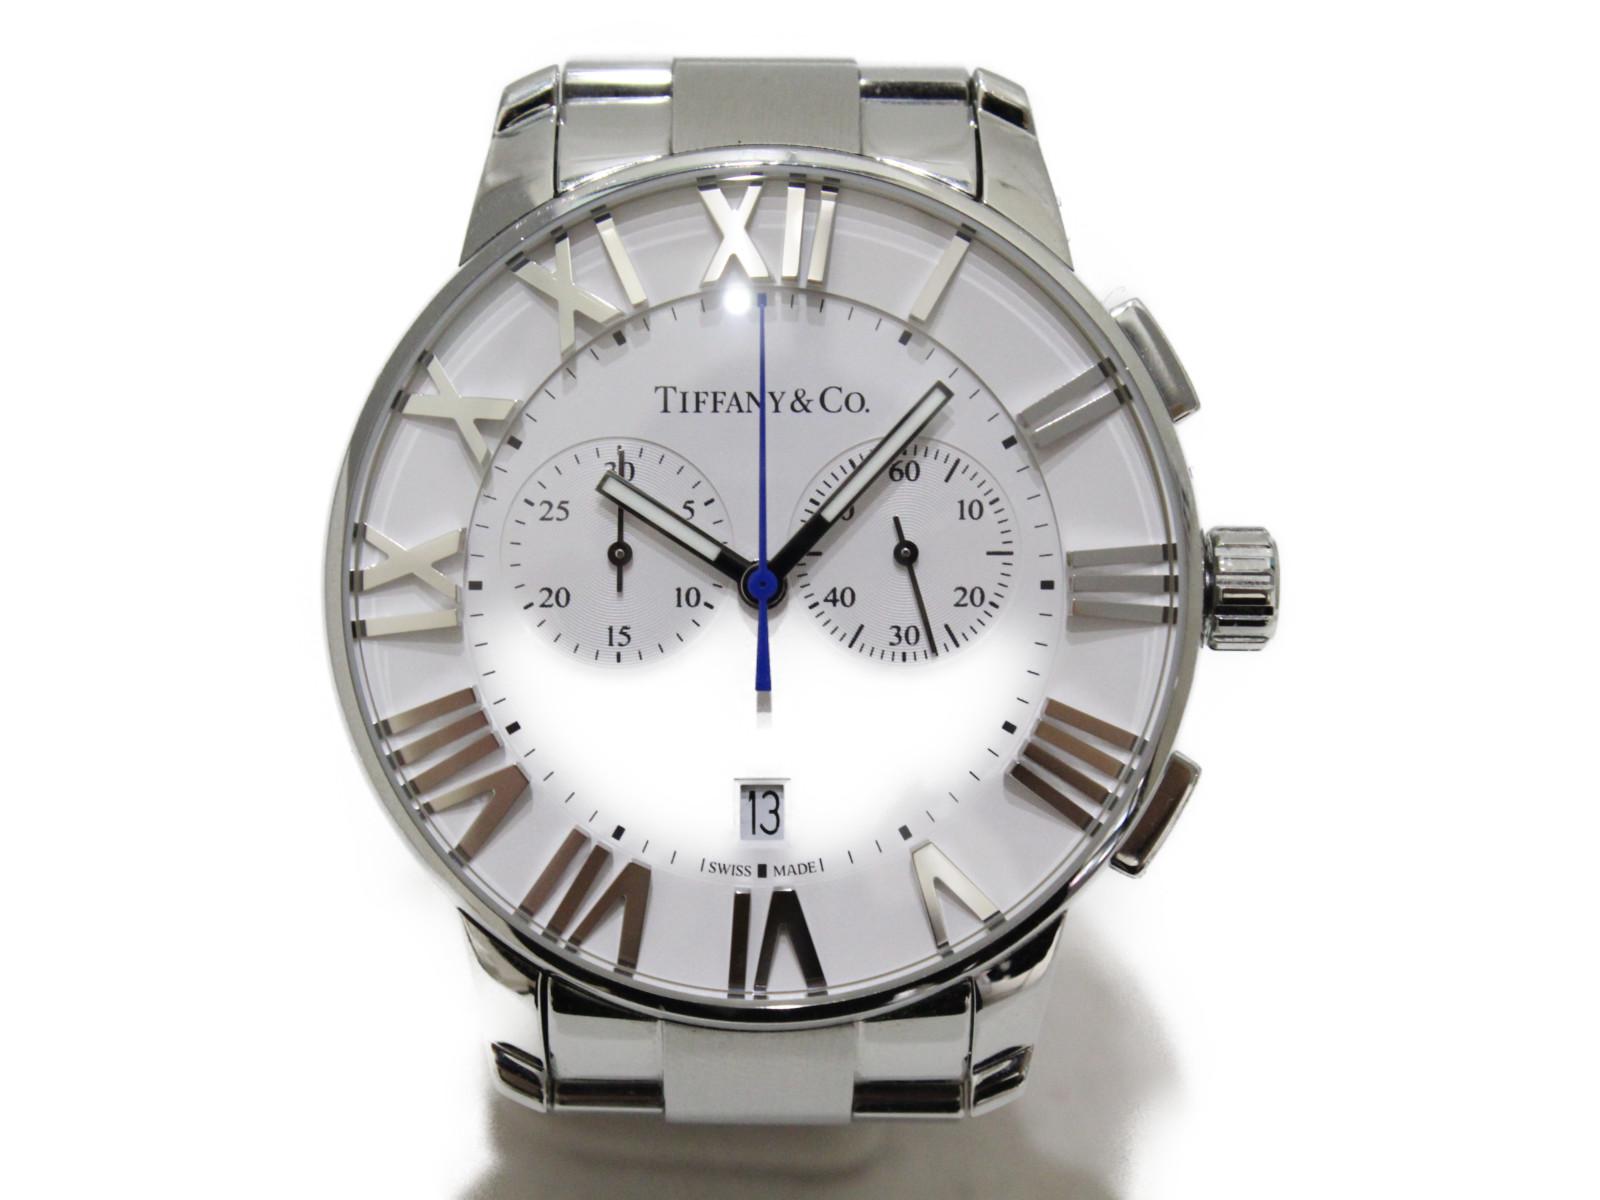 【ギャラ有】TIFFANY&Co. ティファニー アトラス クロノグラフ 42MM 32777562 クオーツ クロノグラフ デイト SS ステンレススチール メンズ 白 ホワイト 腕時計【中古】